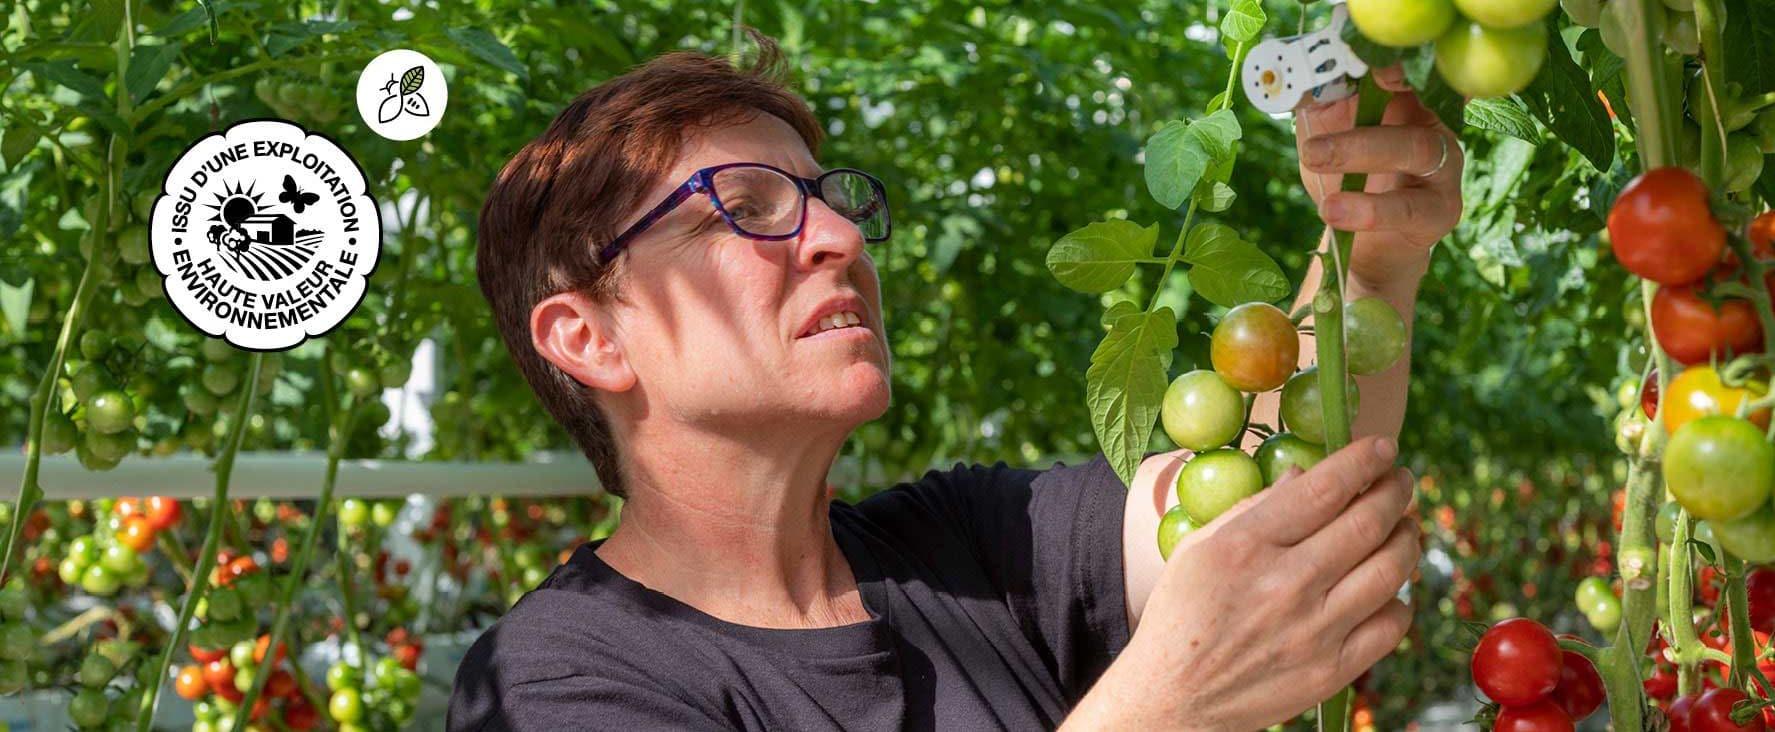 Dans une serre de tomates, installation des tubes libérateurs d'aphidolètes, insectes dont les larves sont prédatrices des pucerons